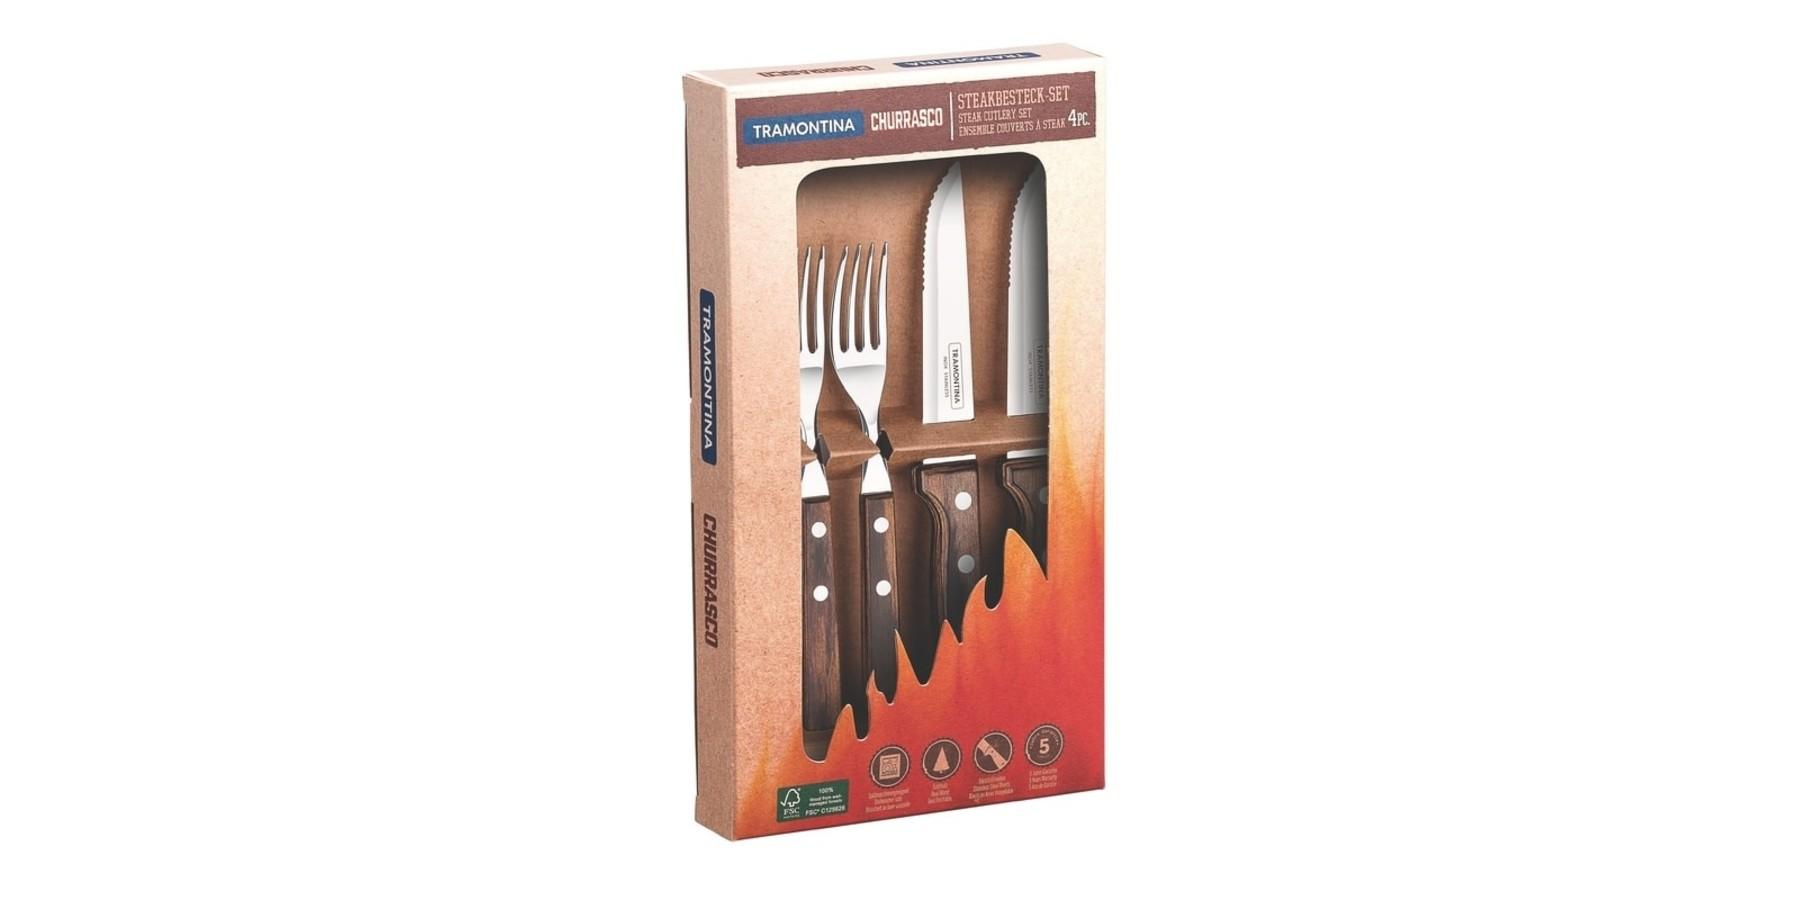 4 delig steak bestekset 12 cm